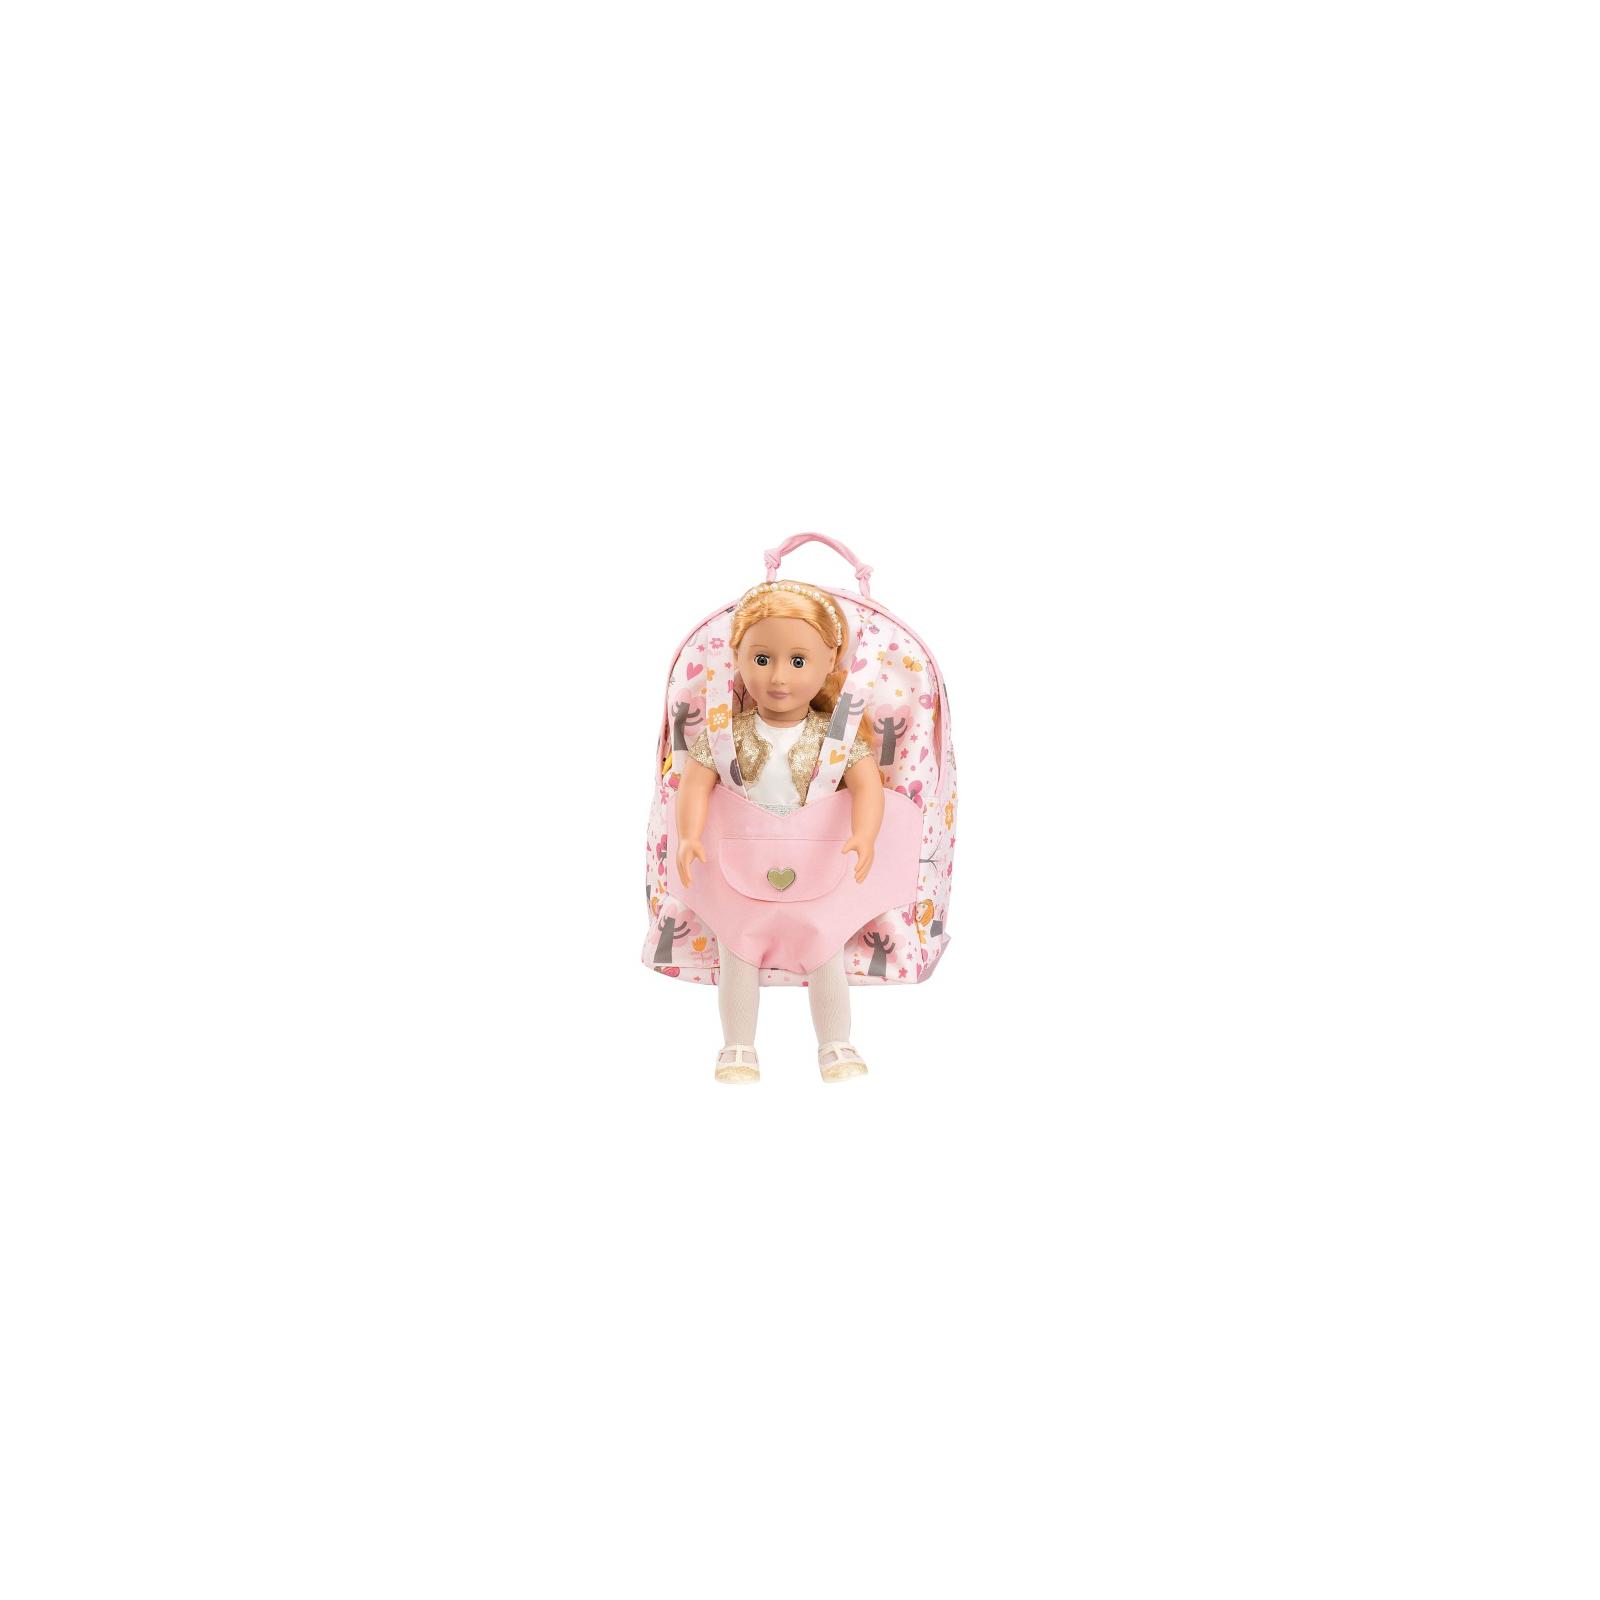 Аксесуар до ляльки Our Generation Рюкзак розовый (BD37237Z) зображення 2